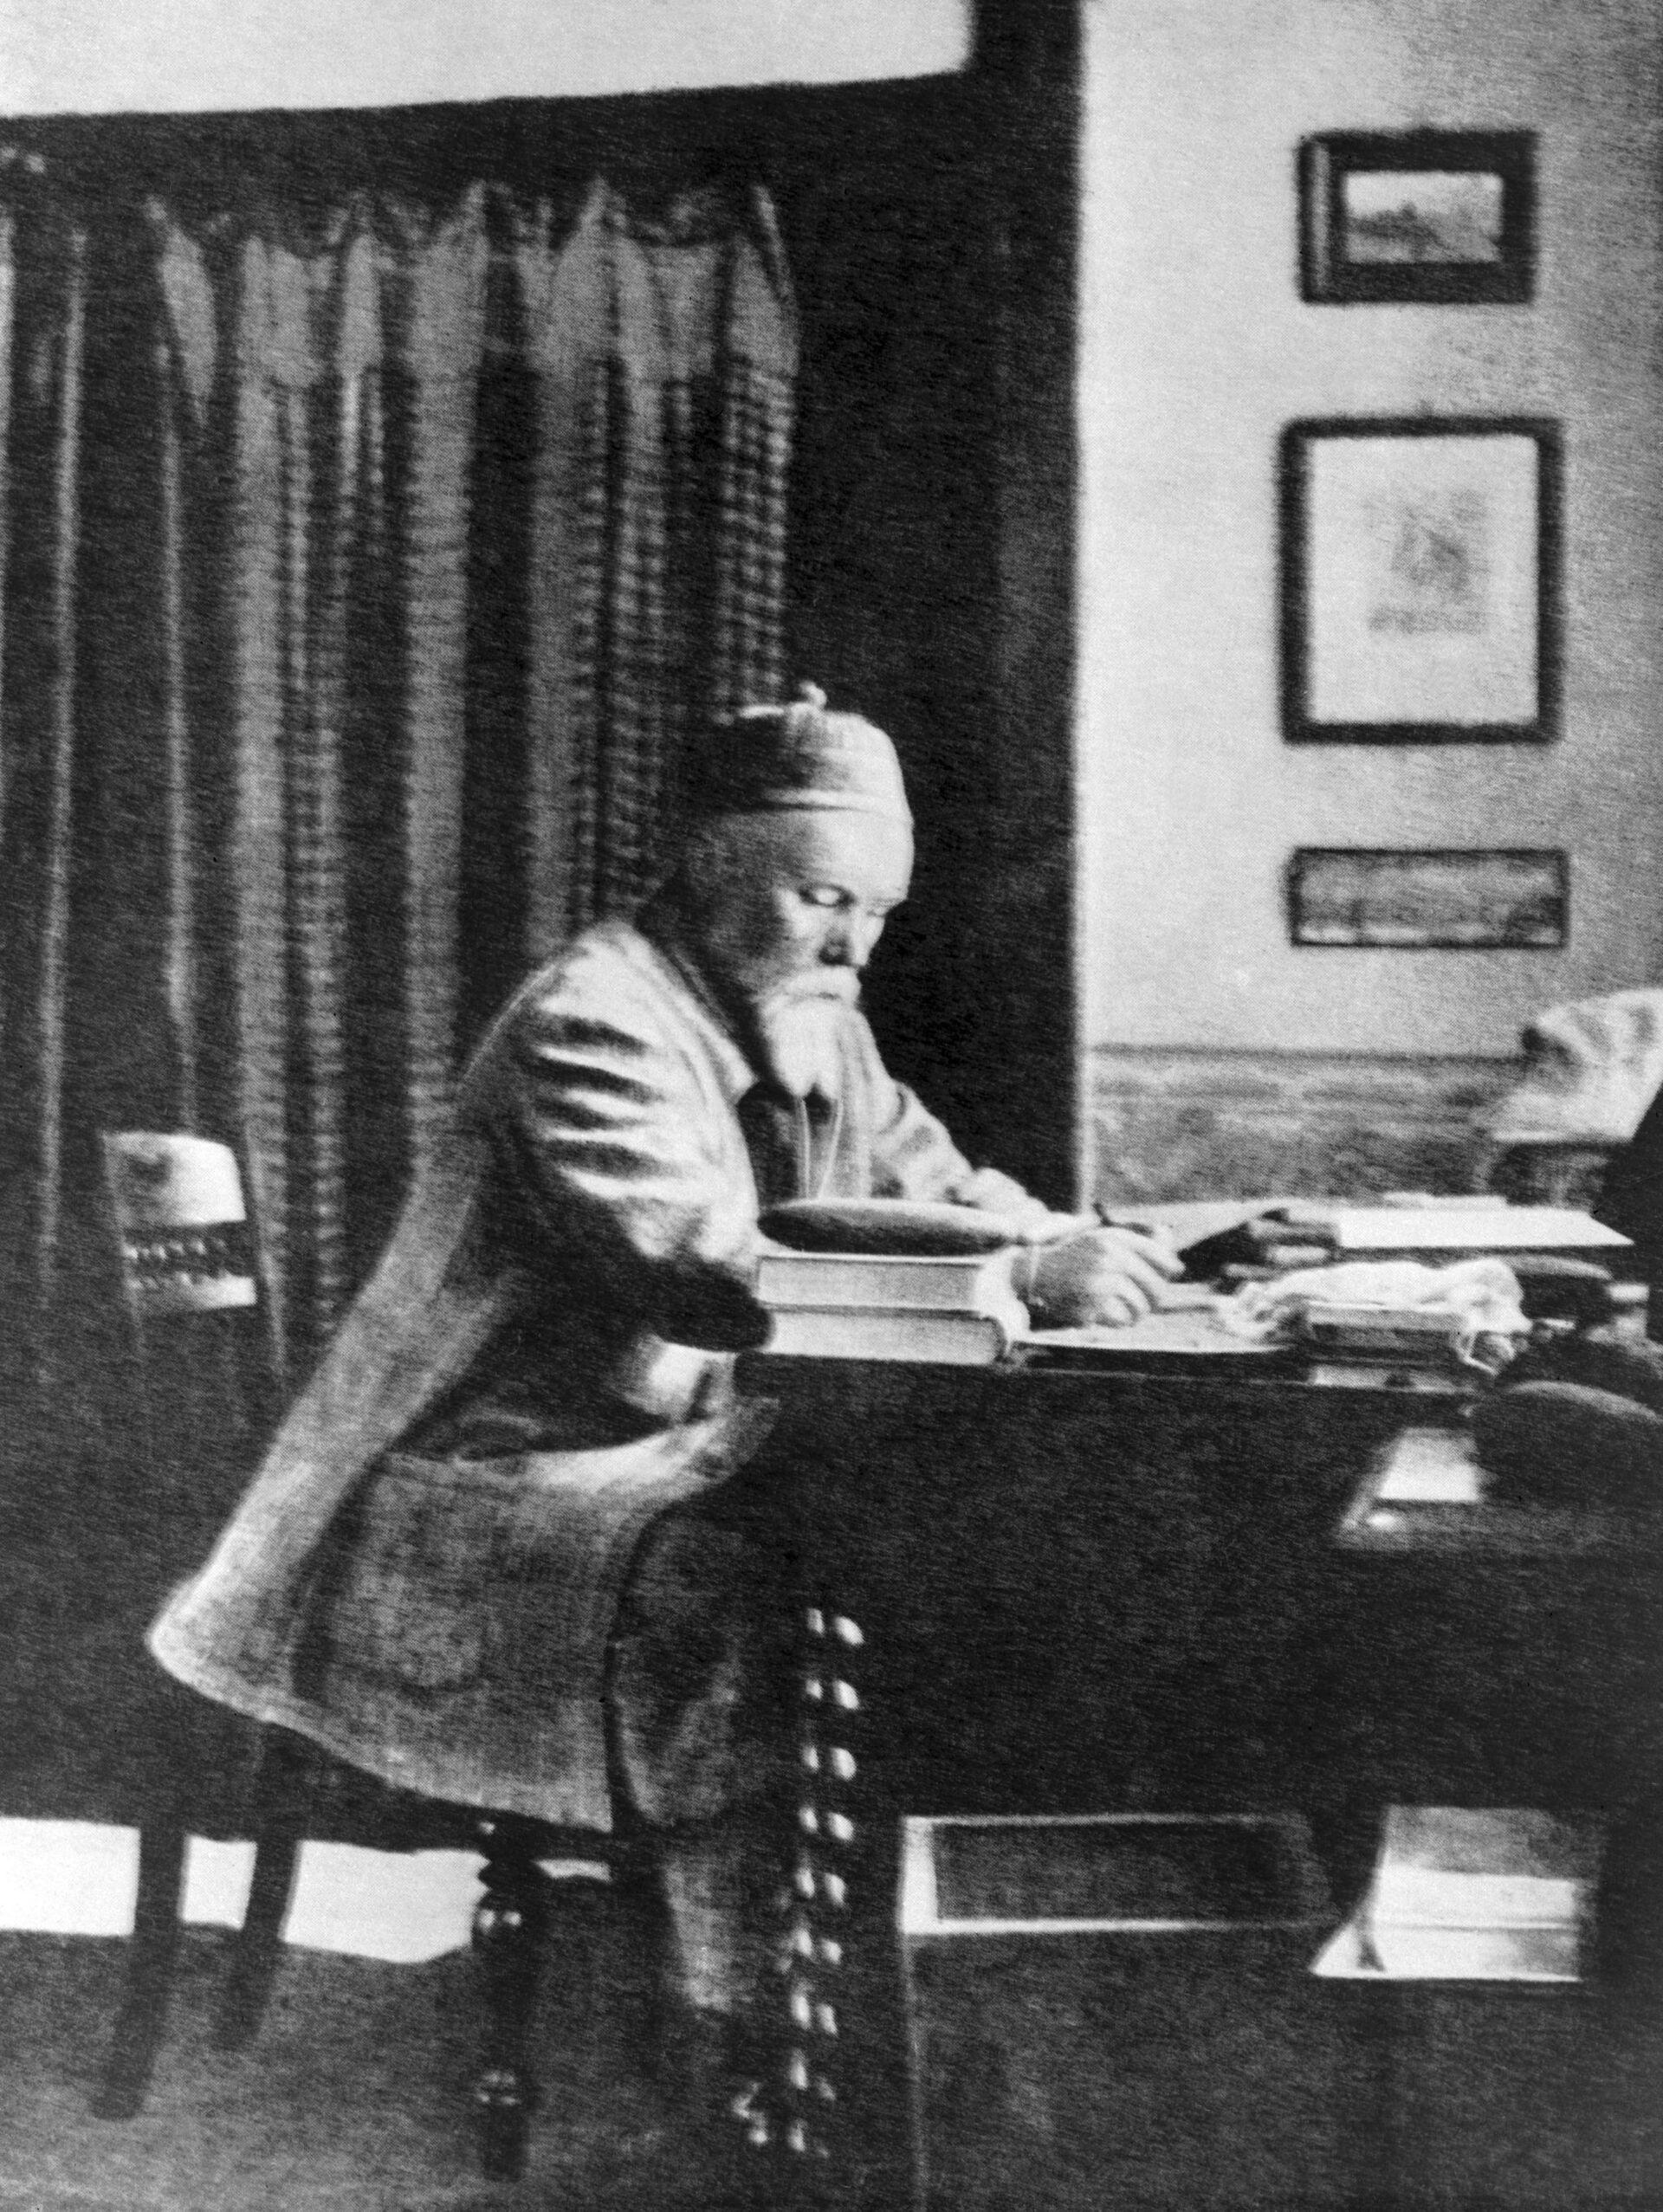 Художник, путешественник, археолог, писатель Николай Рерих. - Sputnik Южная Осетия, 1920, 26.10.2021